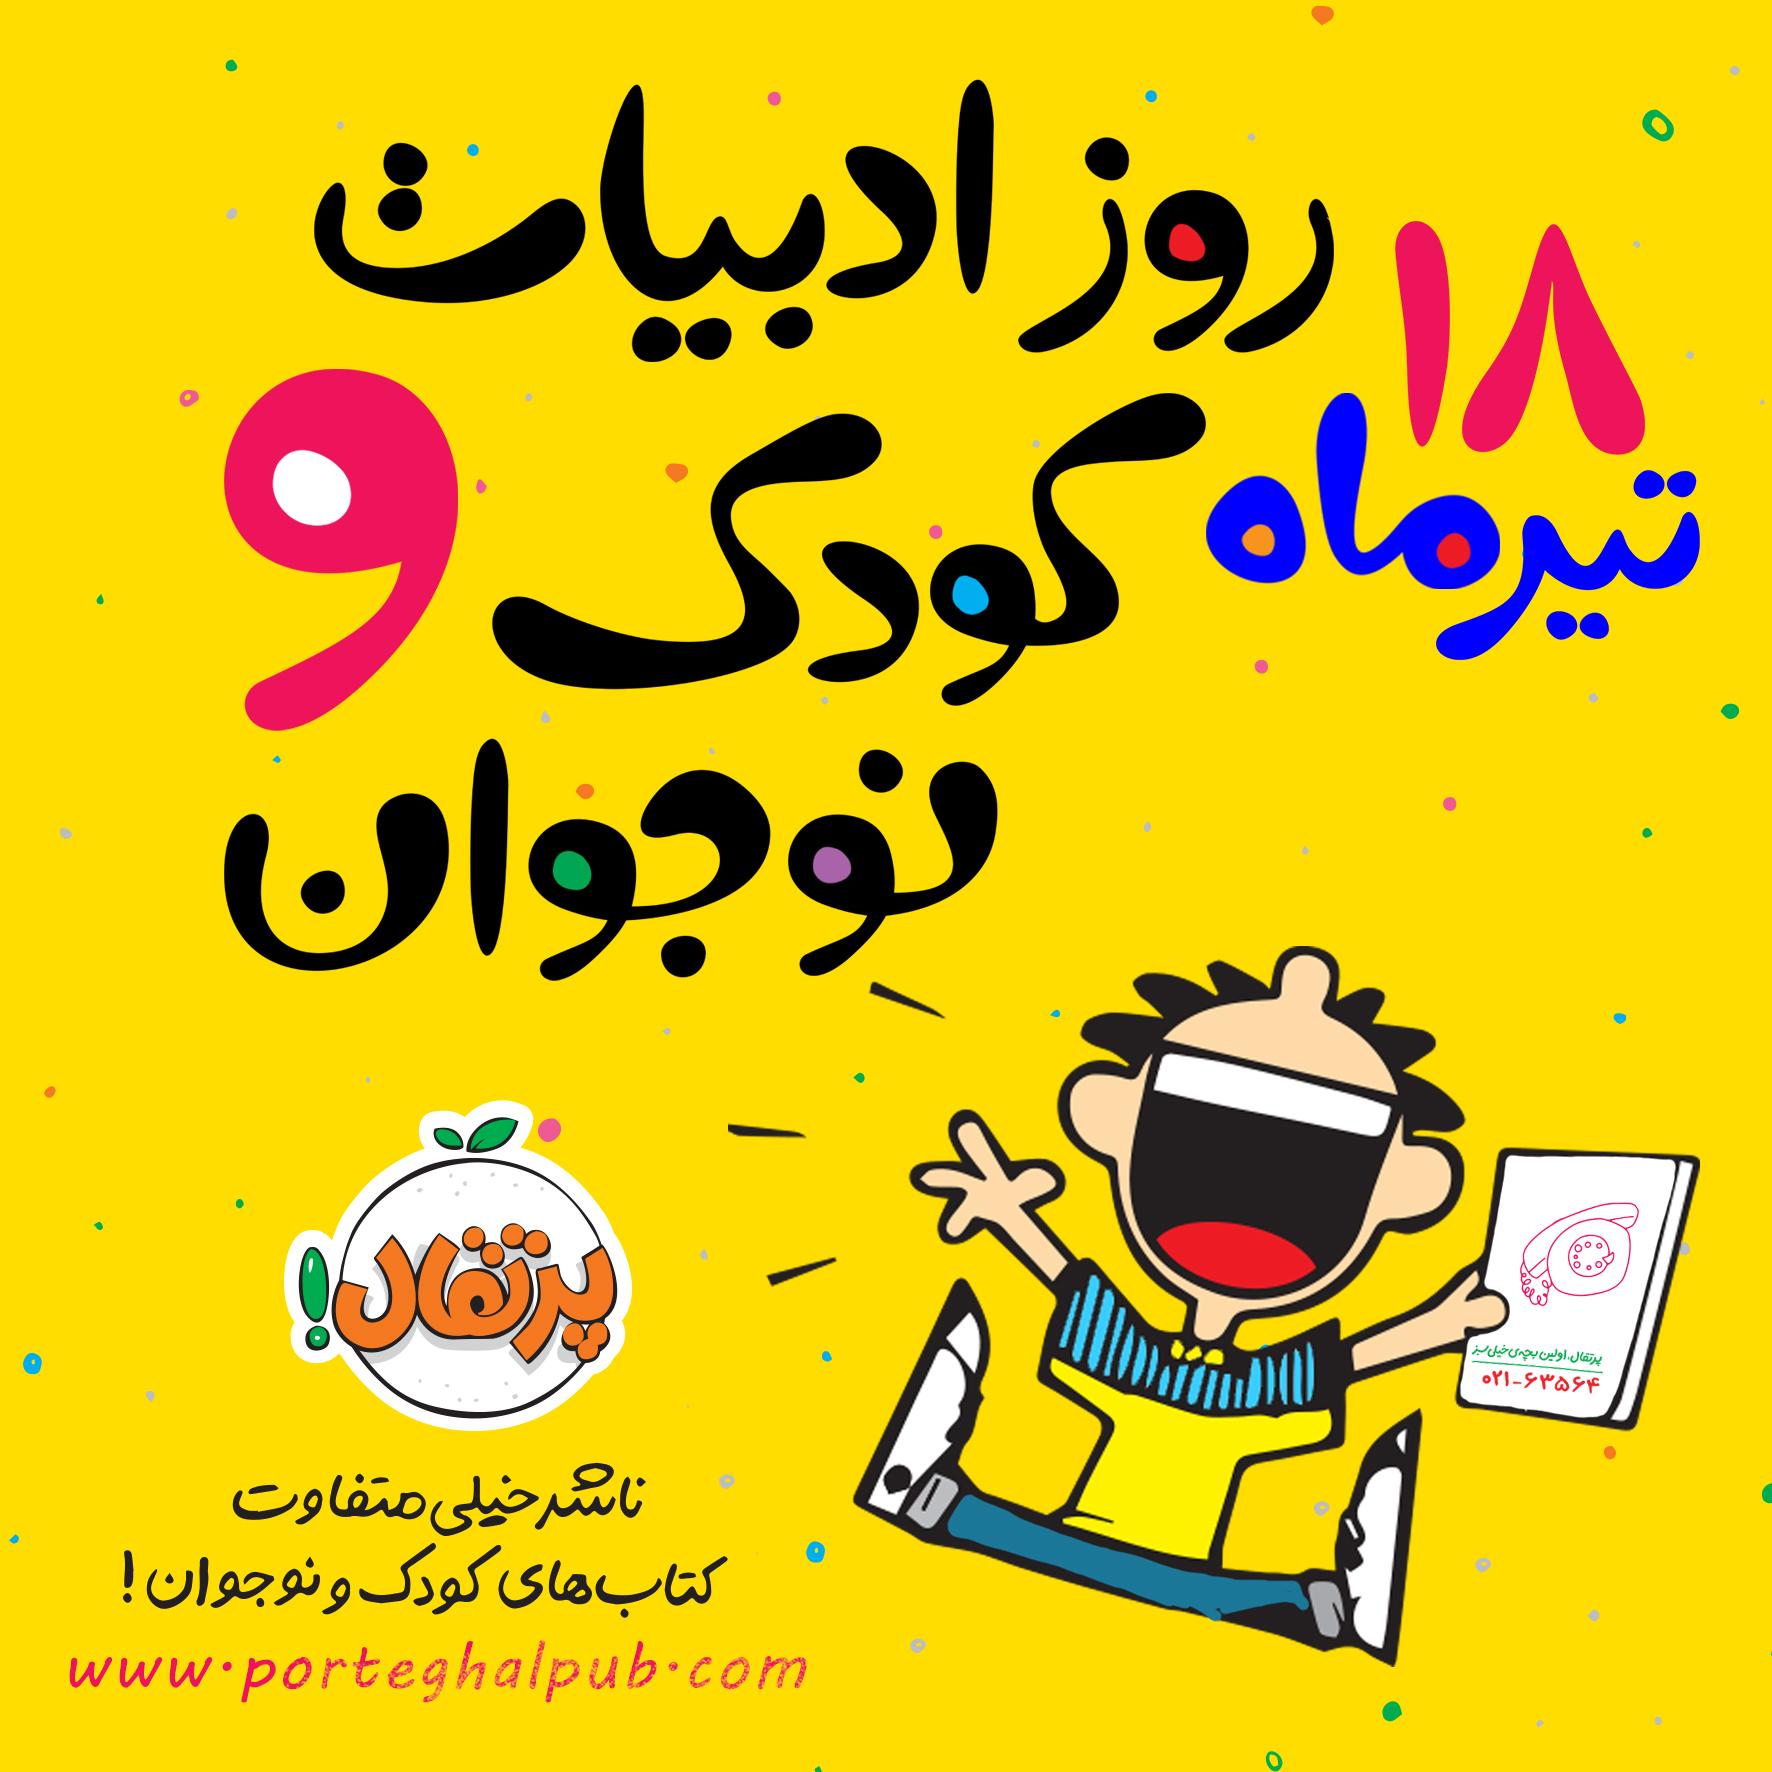 به بهانه روز ادبیات کودک و نوجوان